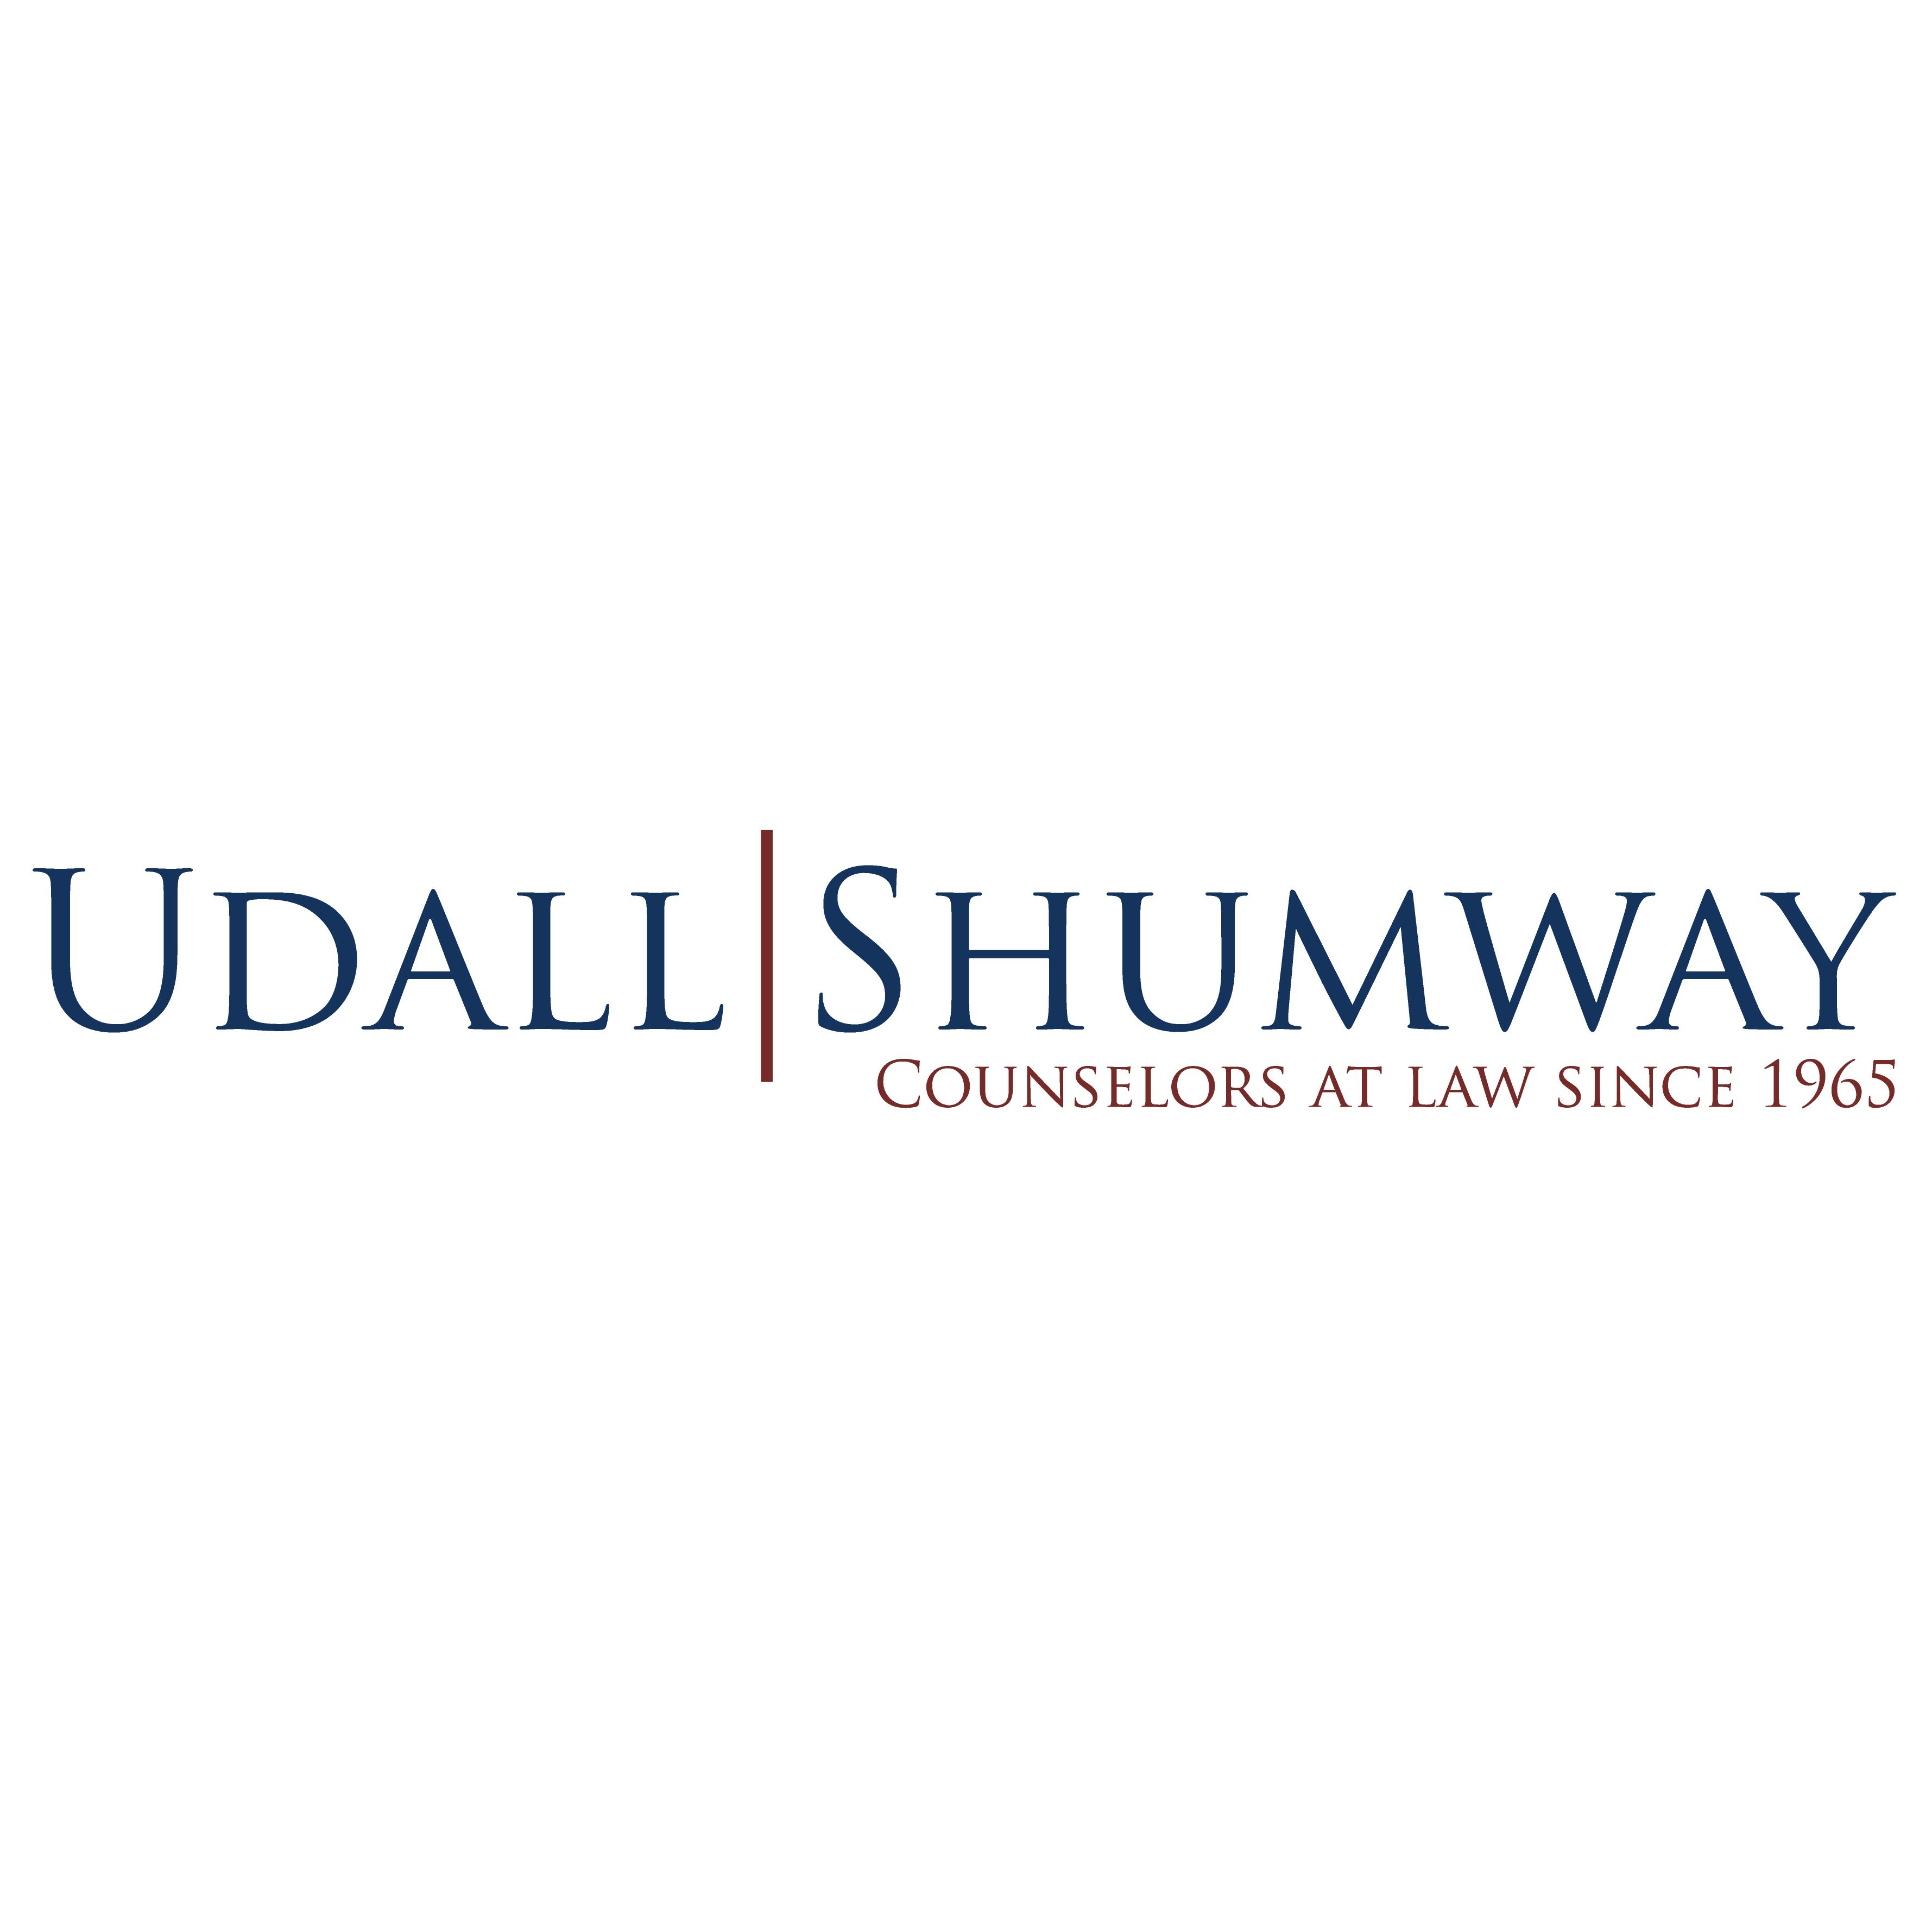 Udall Shumway PLC image 10